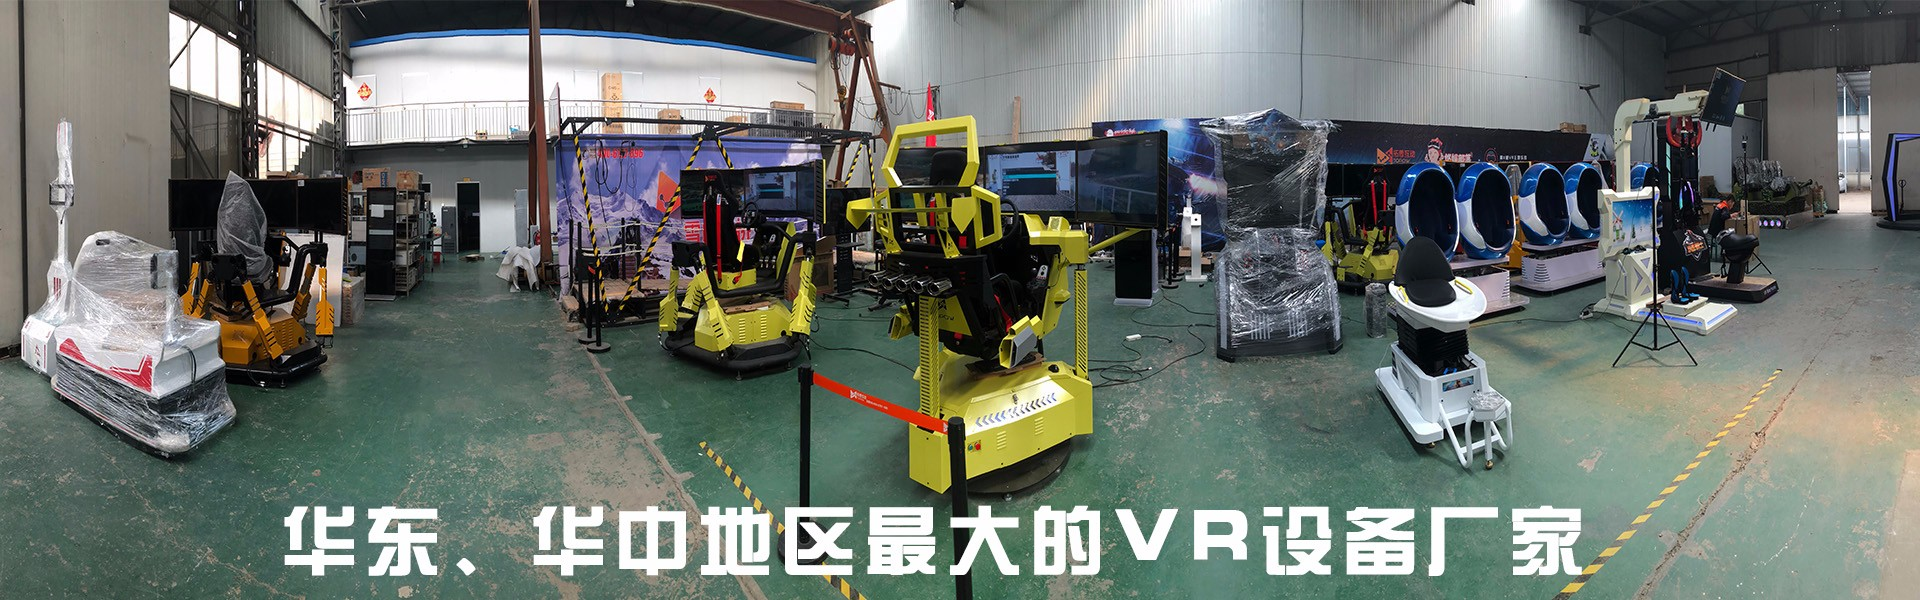 华东 华中地区最大的VR设备厂家